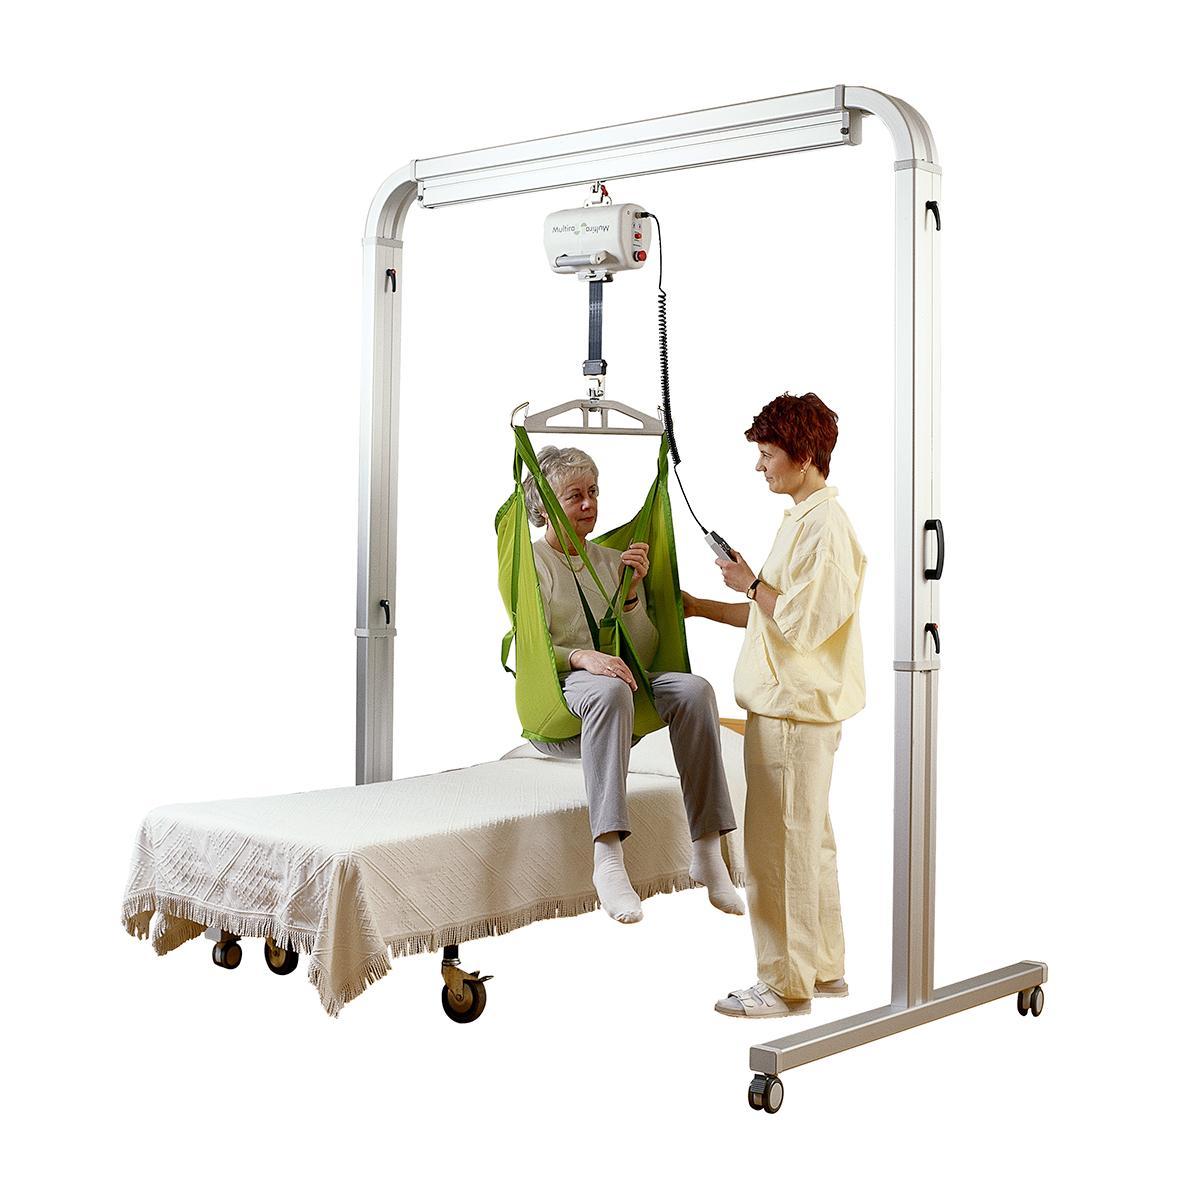 Un clinicien aide un patient à se déplacer en position assise à l'aide du système de levage à rail droit FreeSpan.